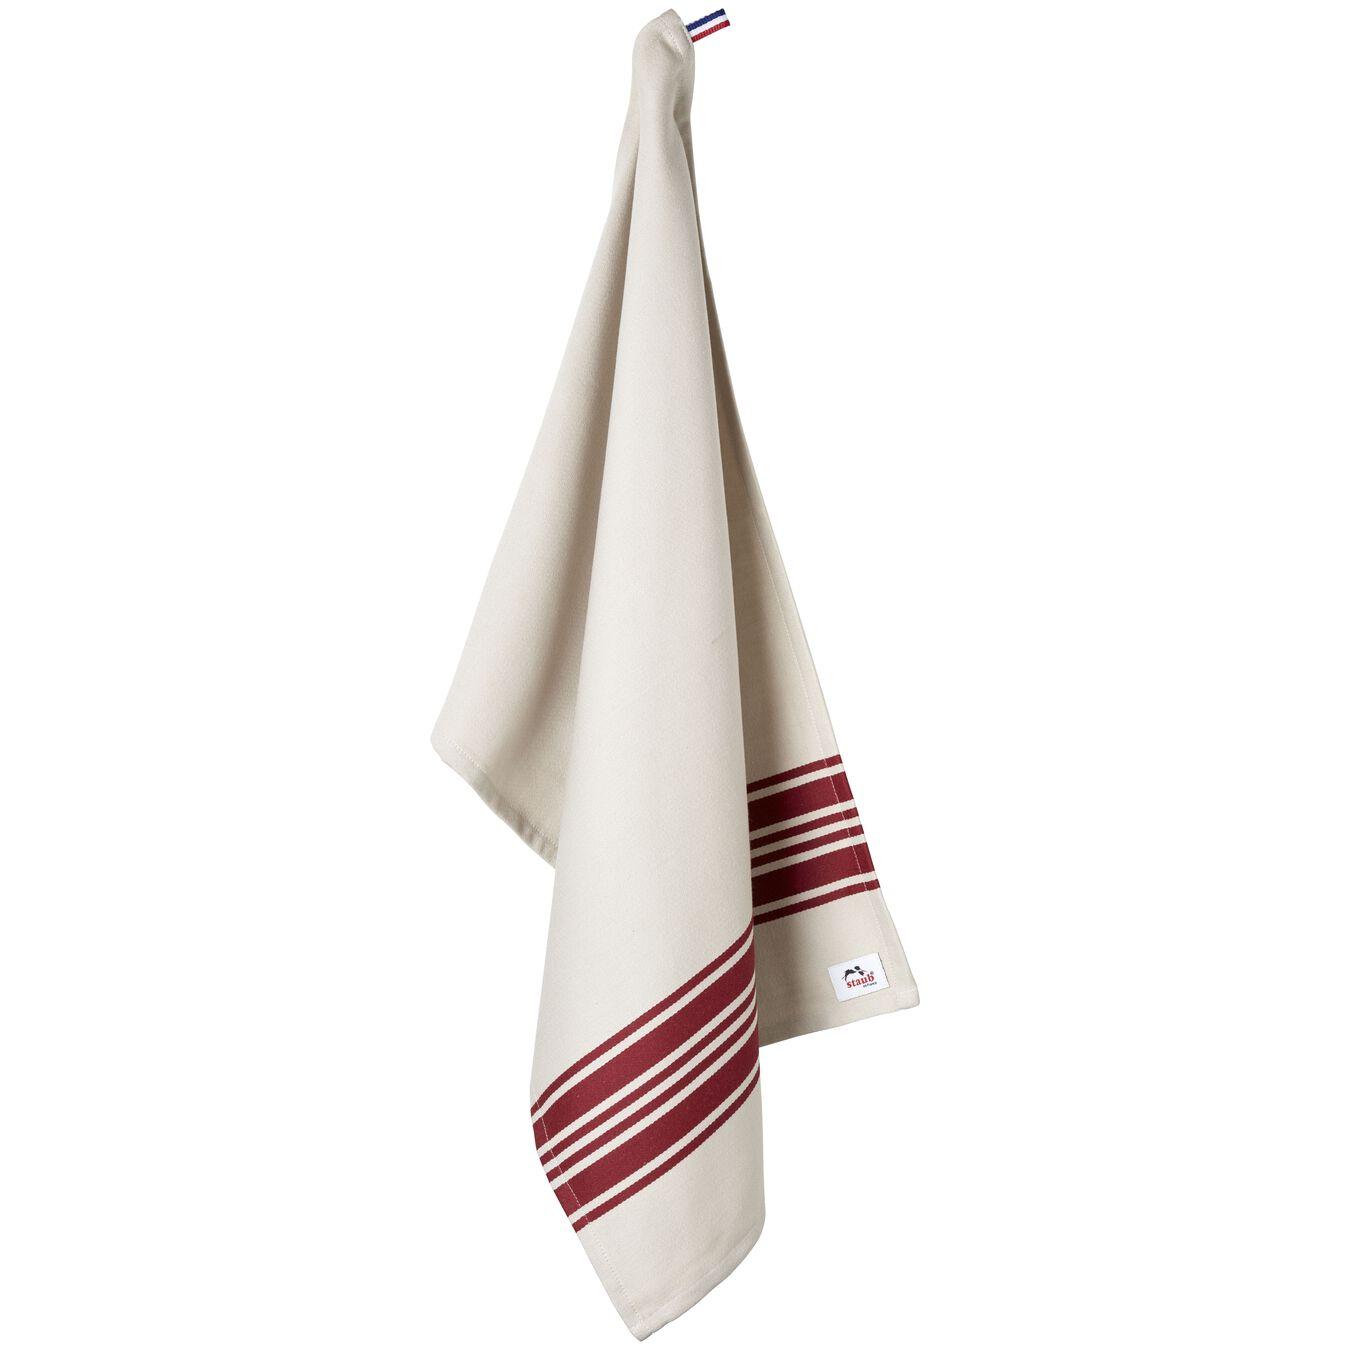 70 cm x 50 cm Cotton Kitchen towel, Cherry,,large 5